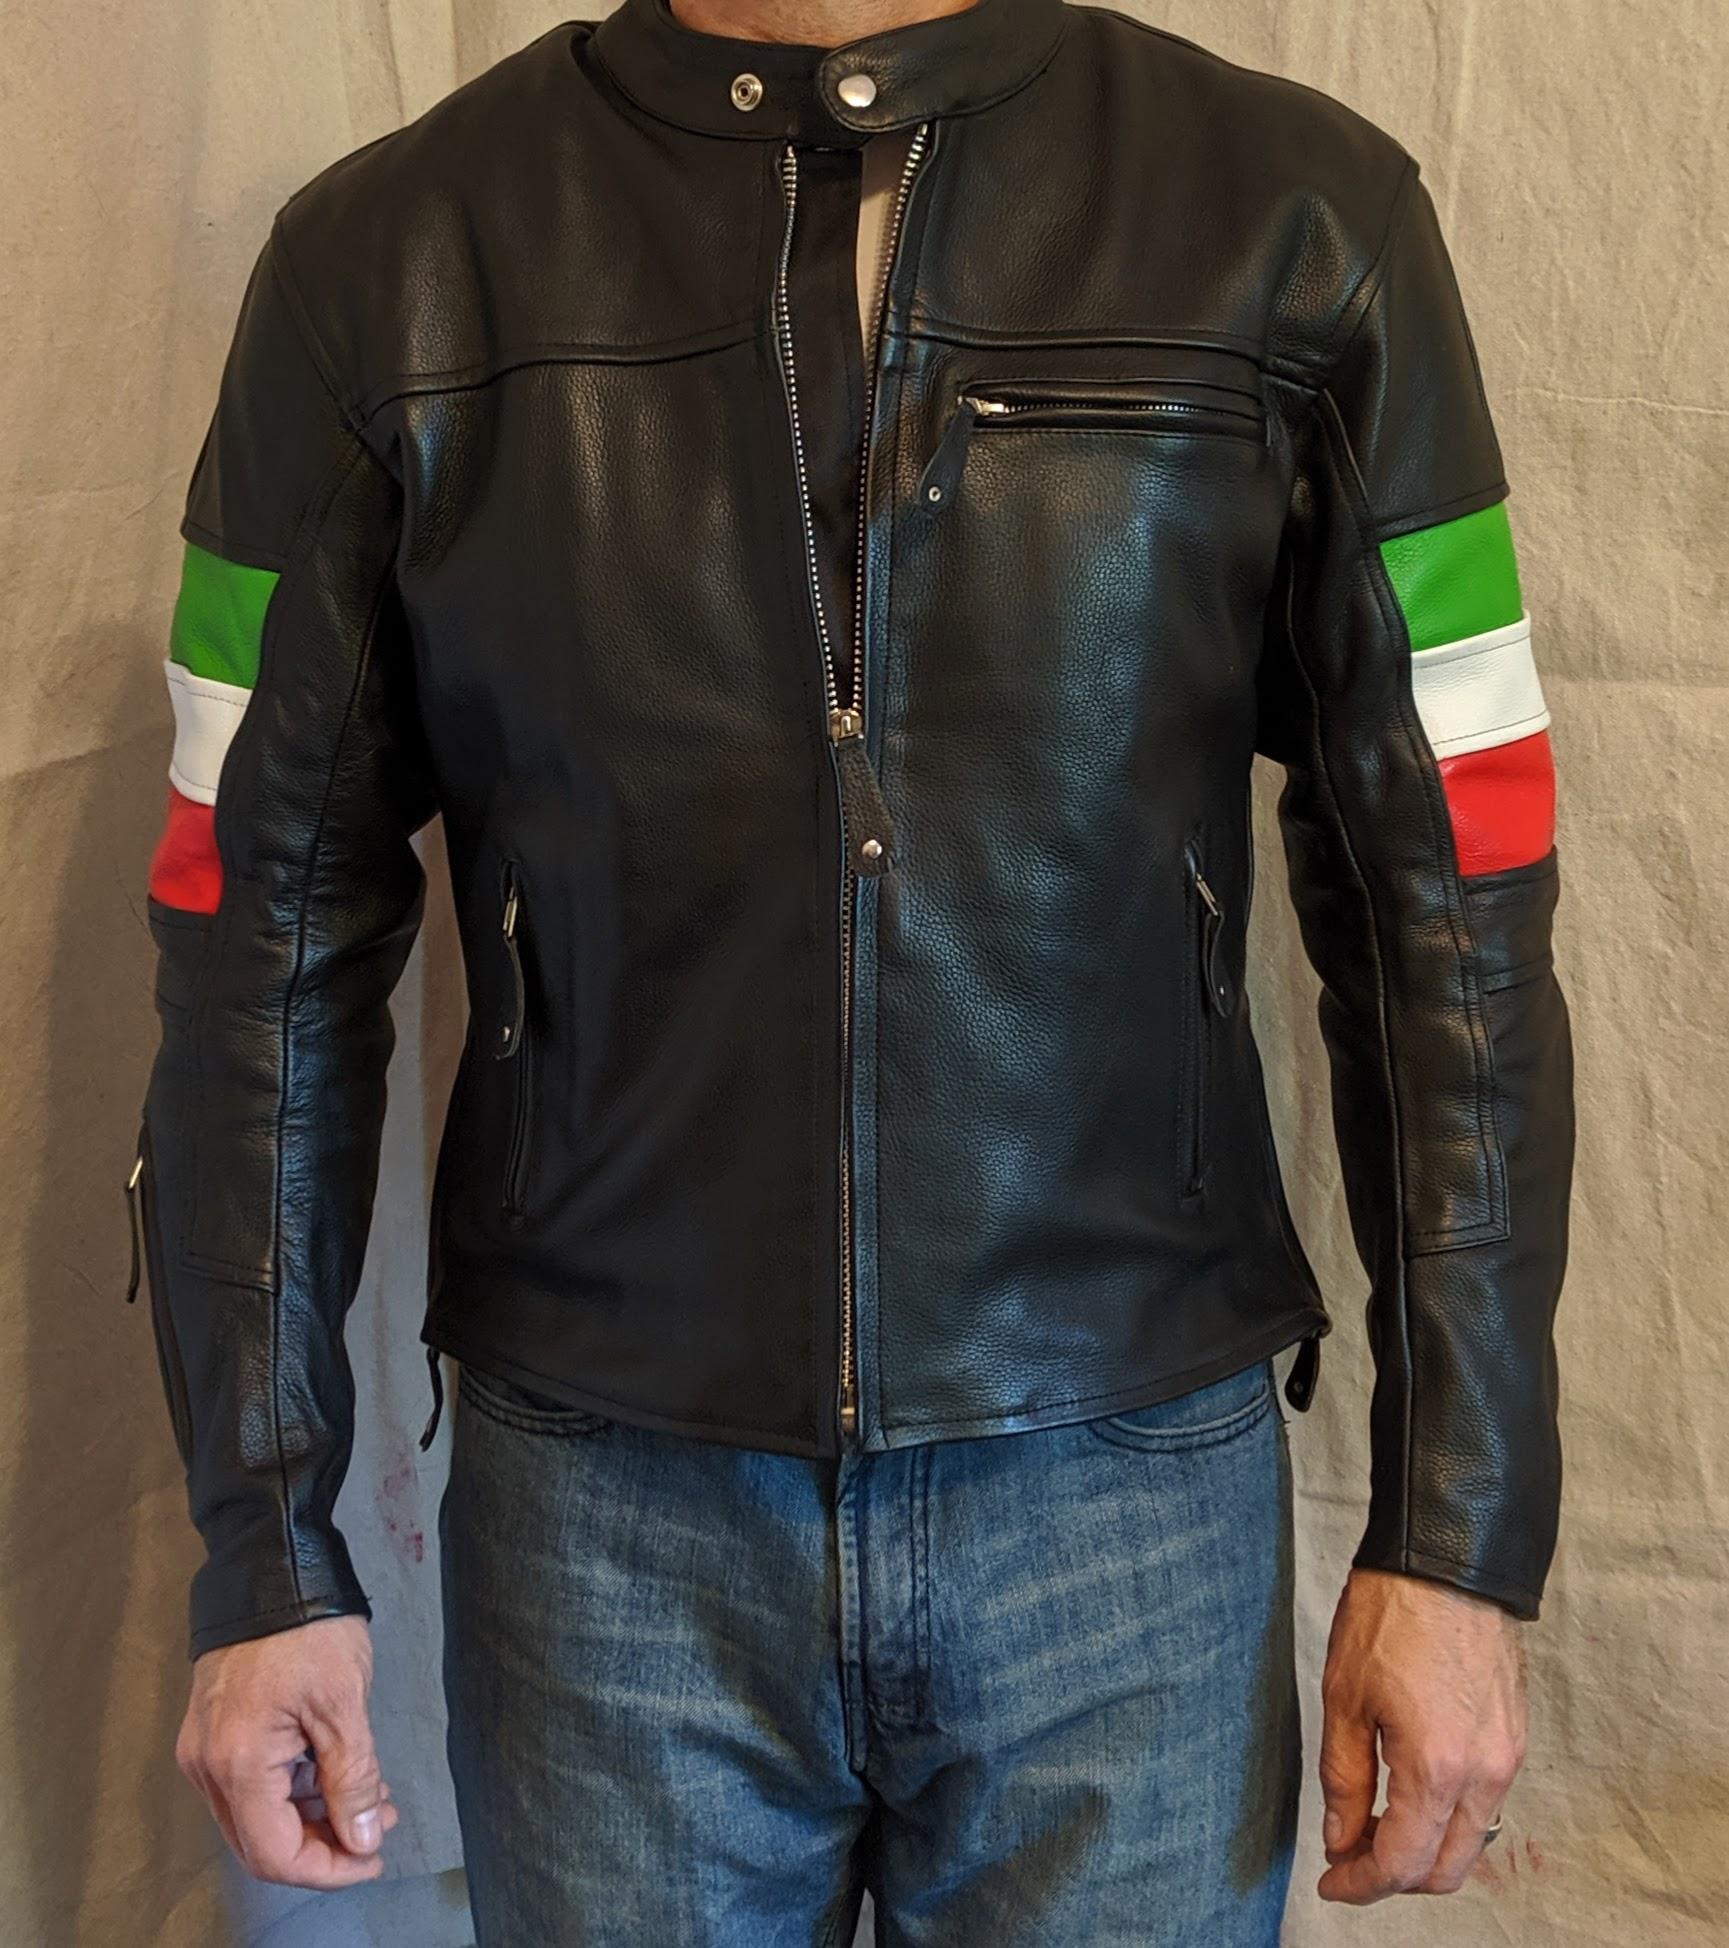 Benelli Logo'ed Leather Jackets-img_20191011_081517_1573052388000.jpg